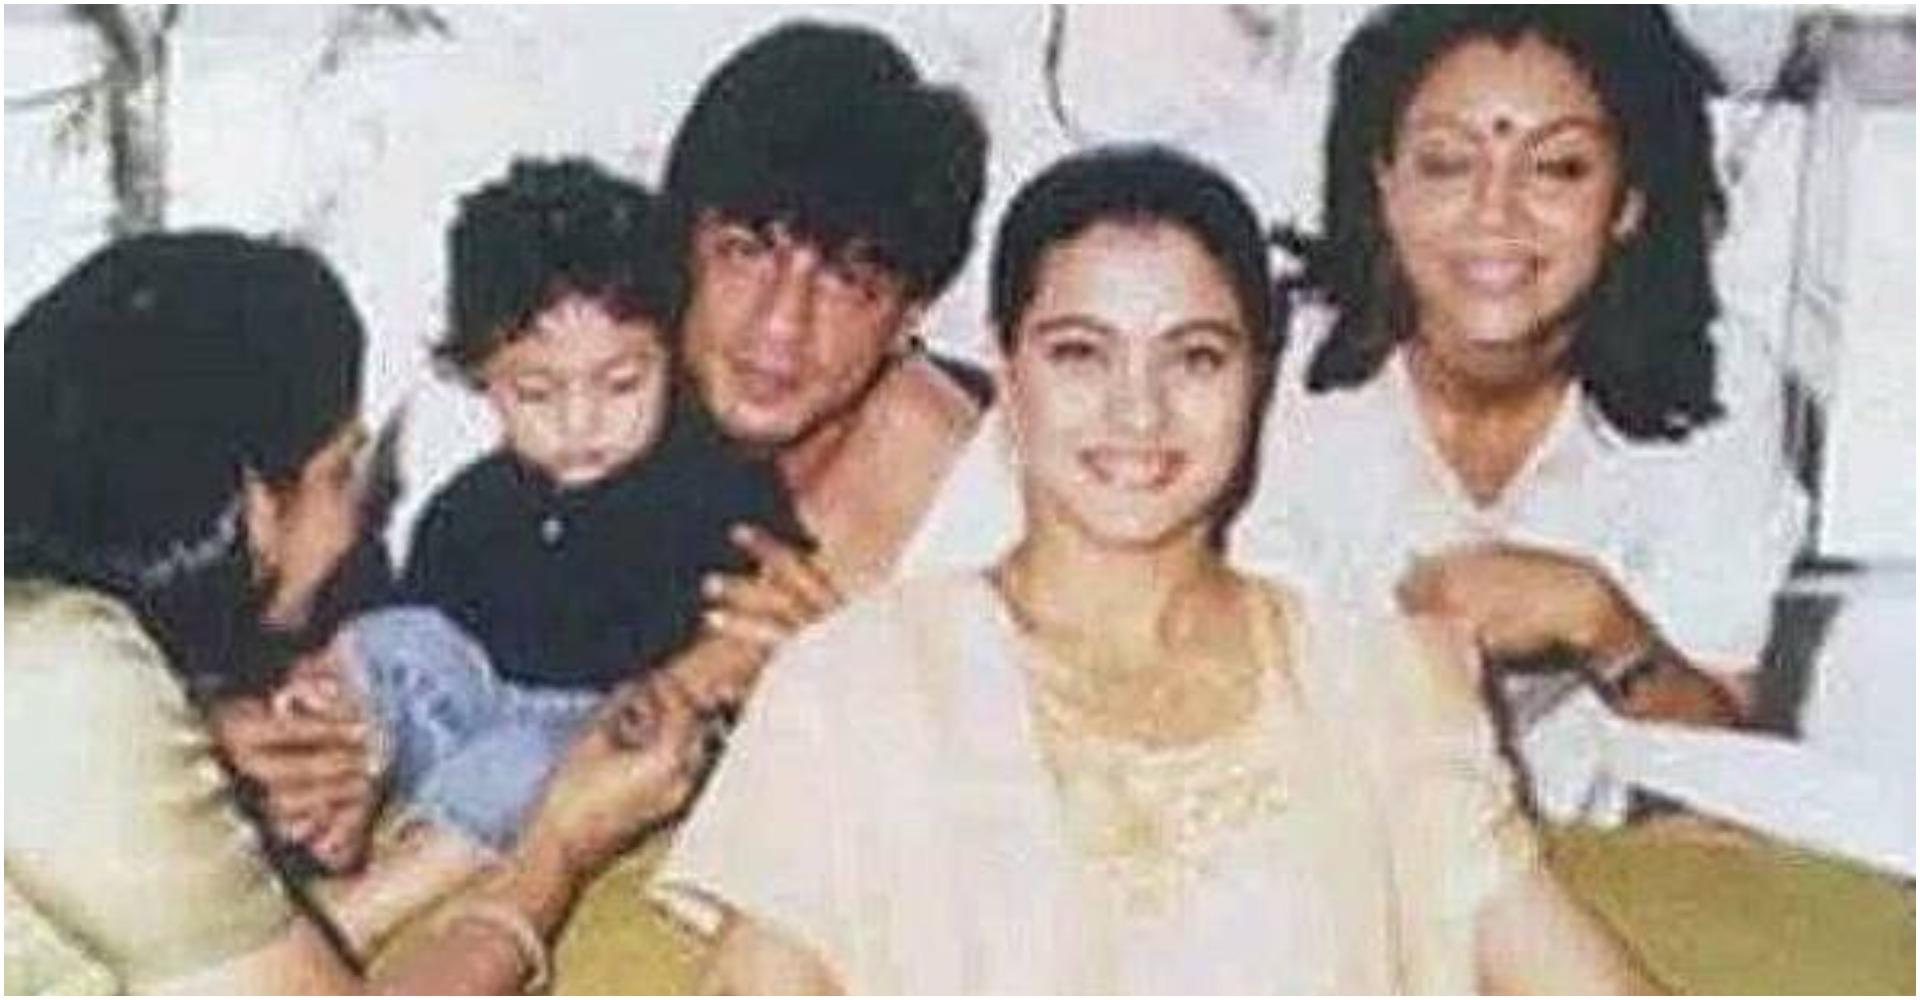 काजोल की मेहंदी सेरेमनी की फोटोज आई सामने, शाहरुख, गौरी और आर्यन भी हुए थे शरीख, देखें अनदेखी तस्वीर